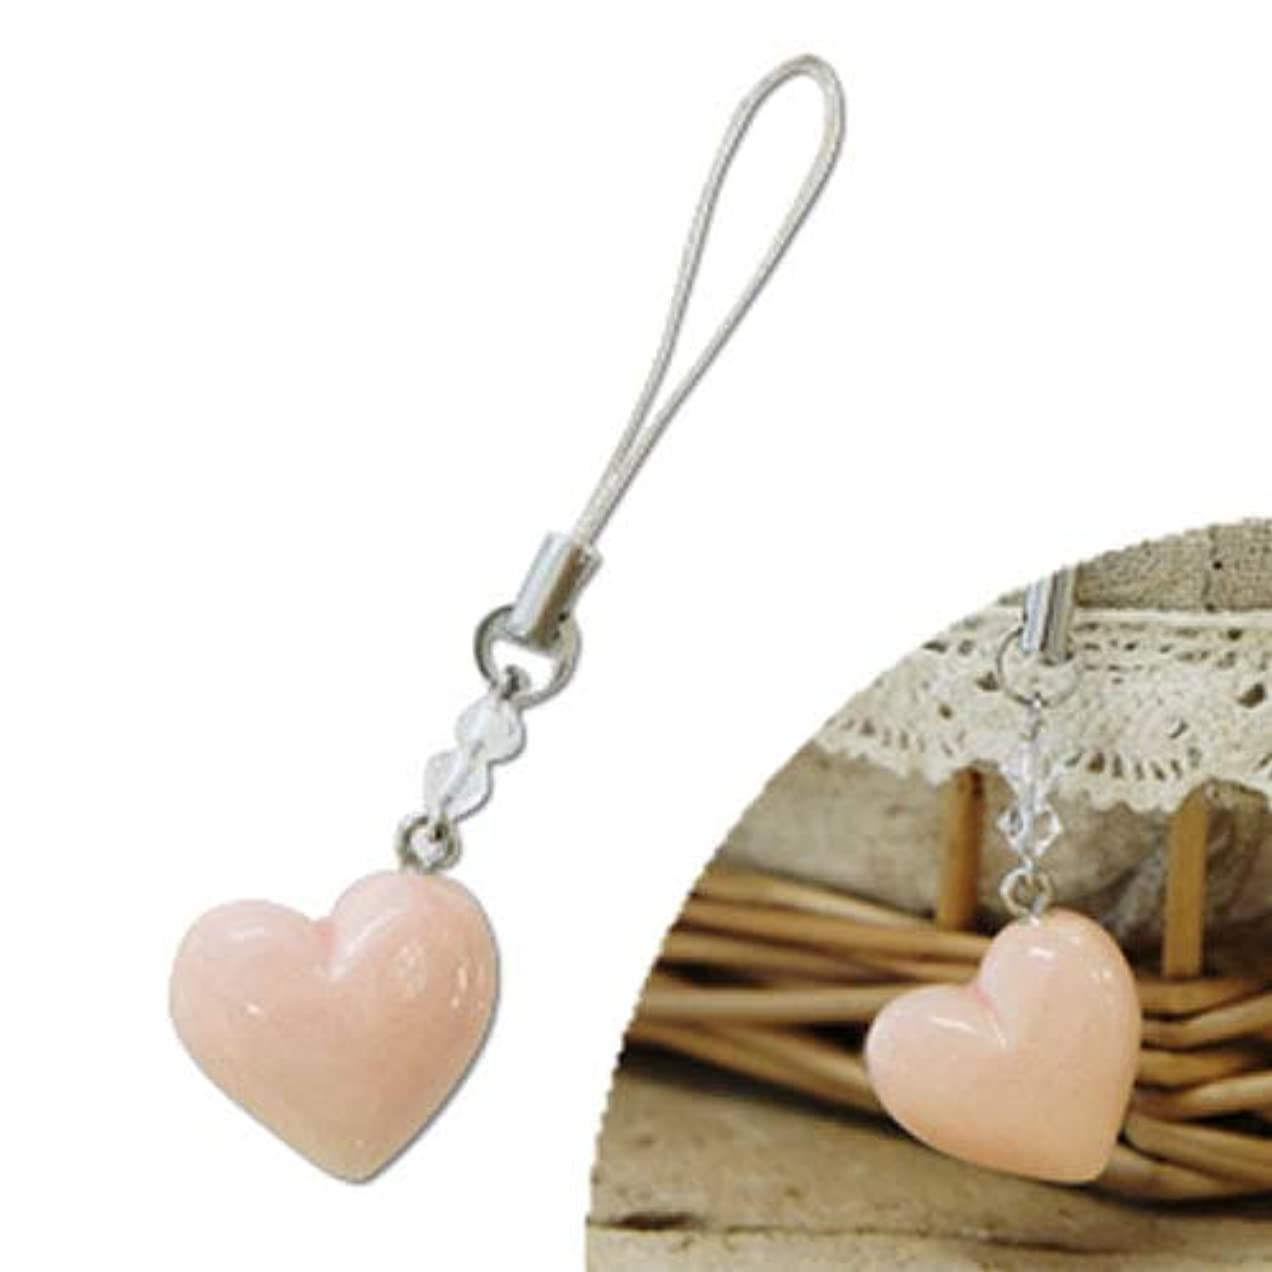 ボイド最初出力京焼アロマストラップ PINK HEART(ピンクハート)